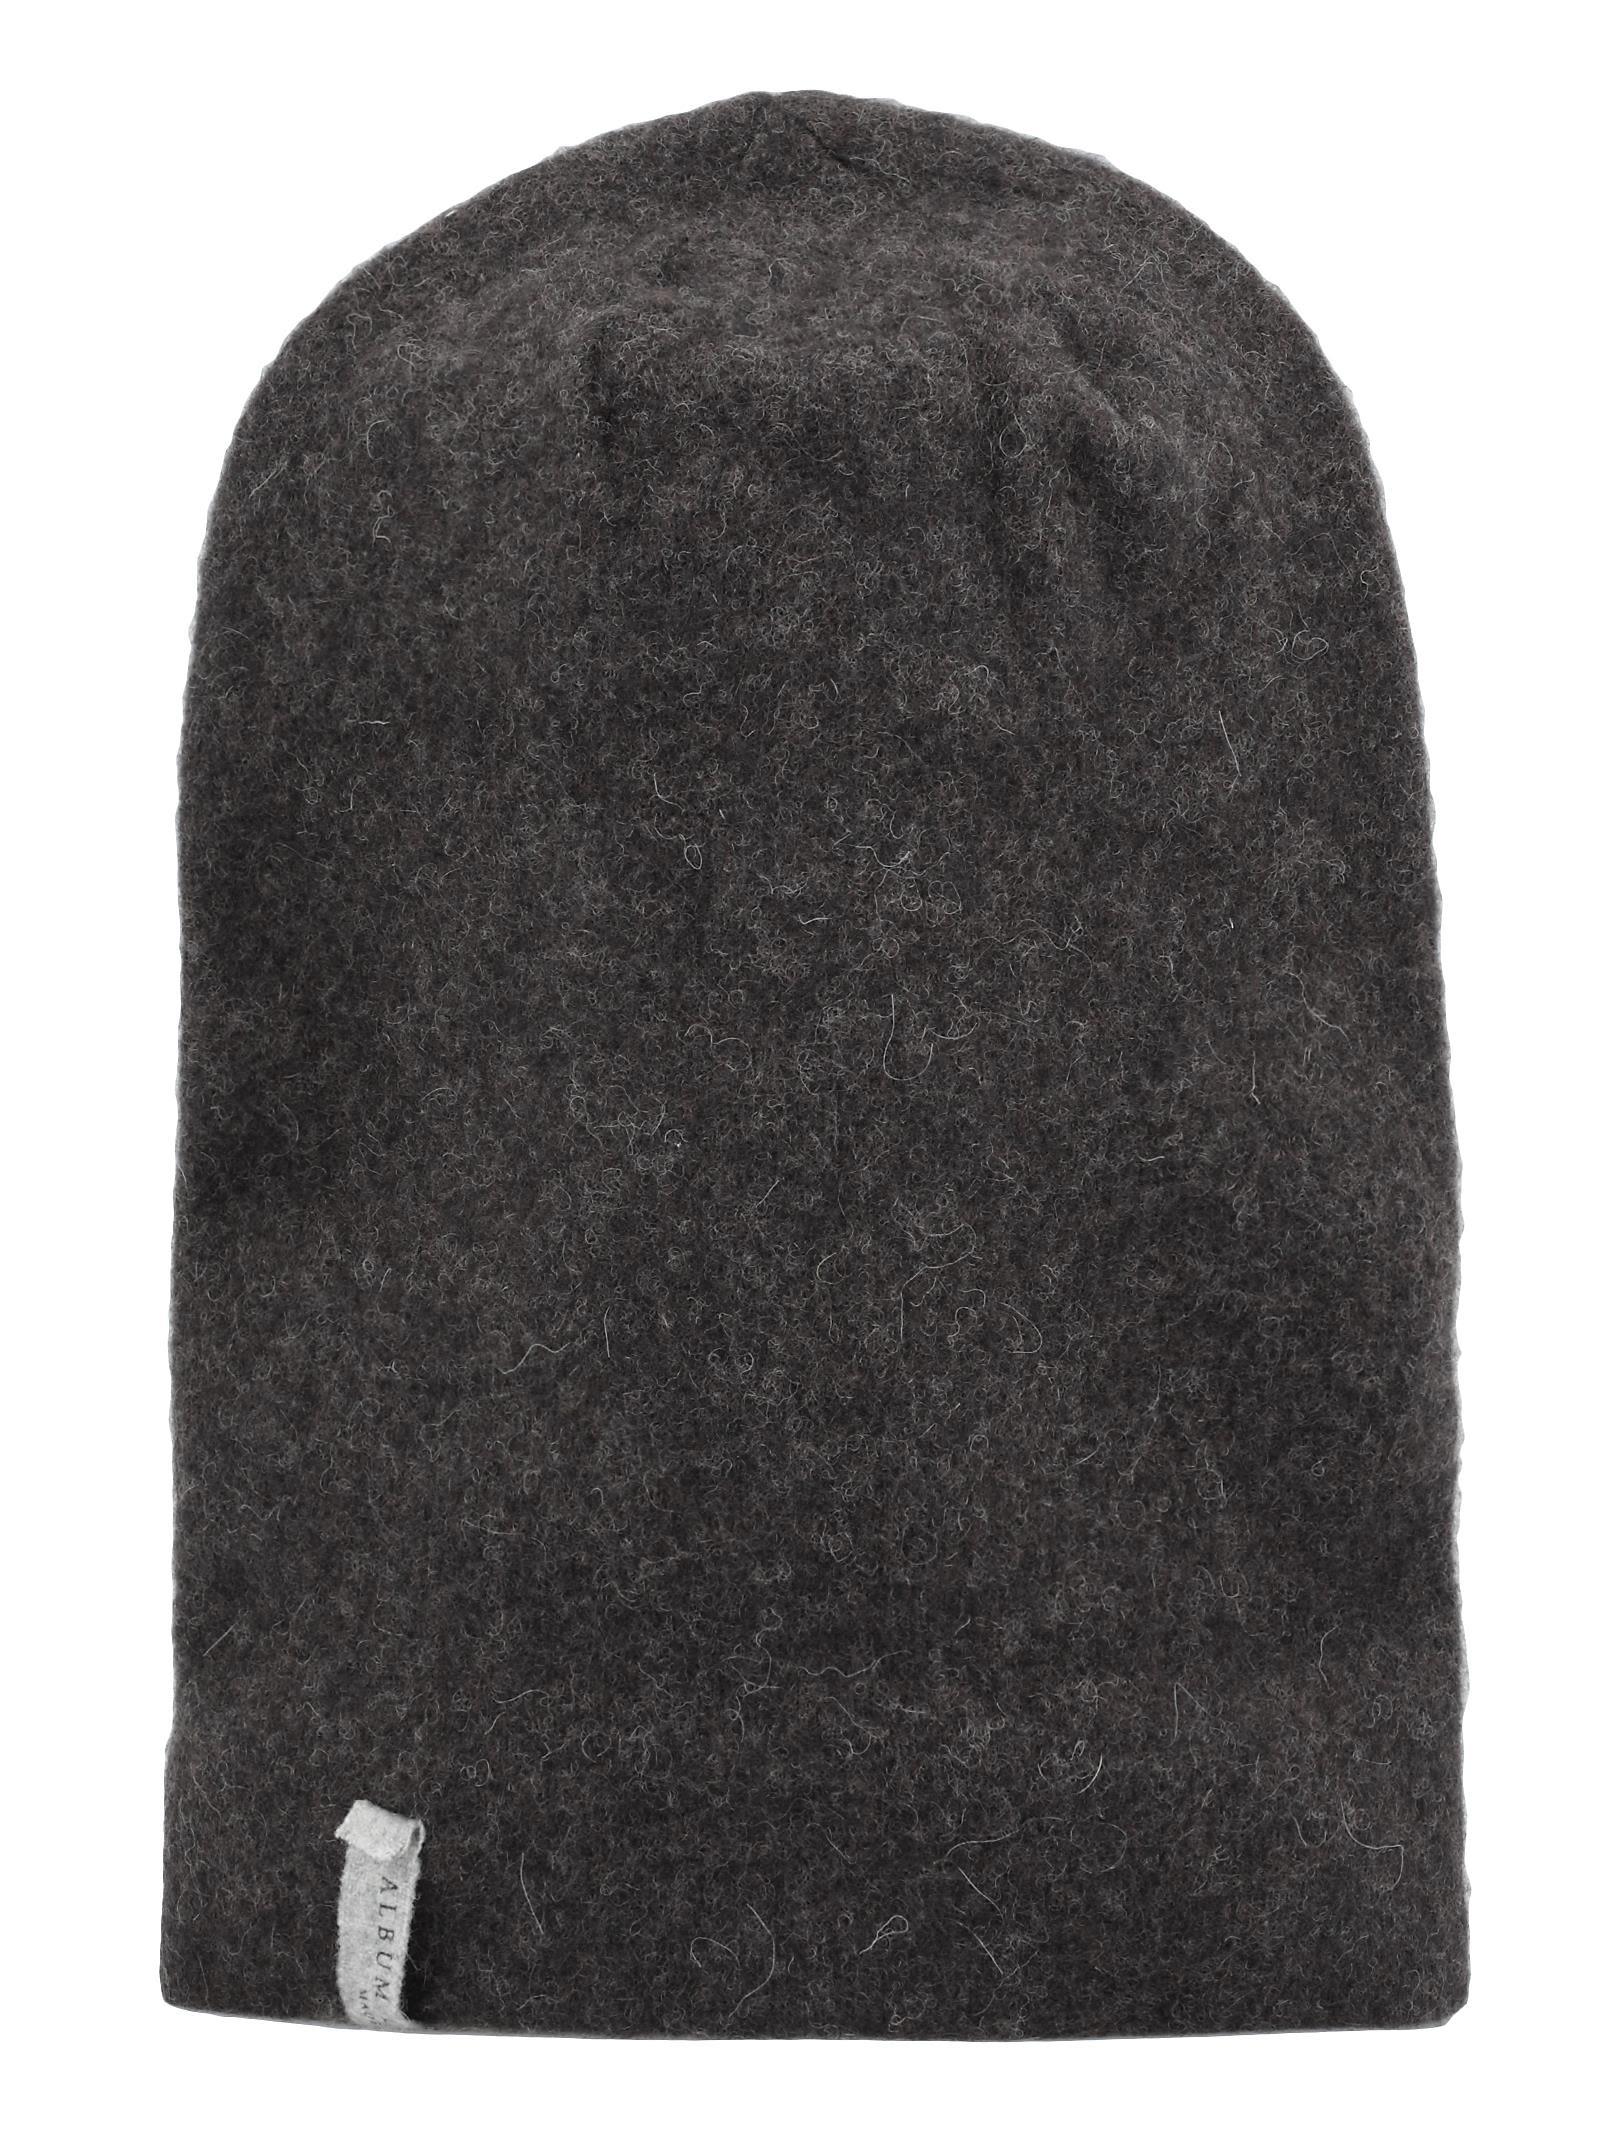 ALBUM DI FAMIGLIA Wool Hat in Chocolate